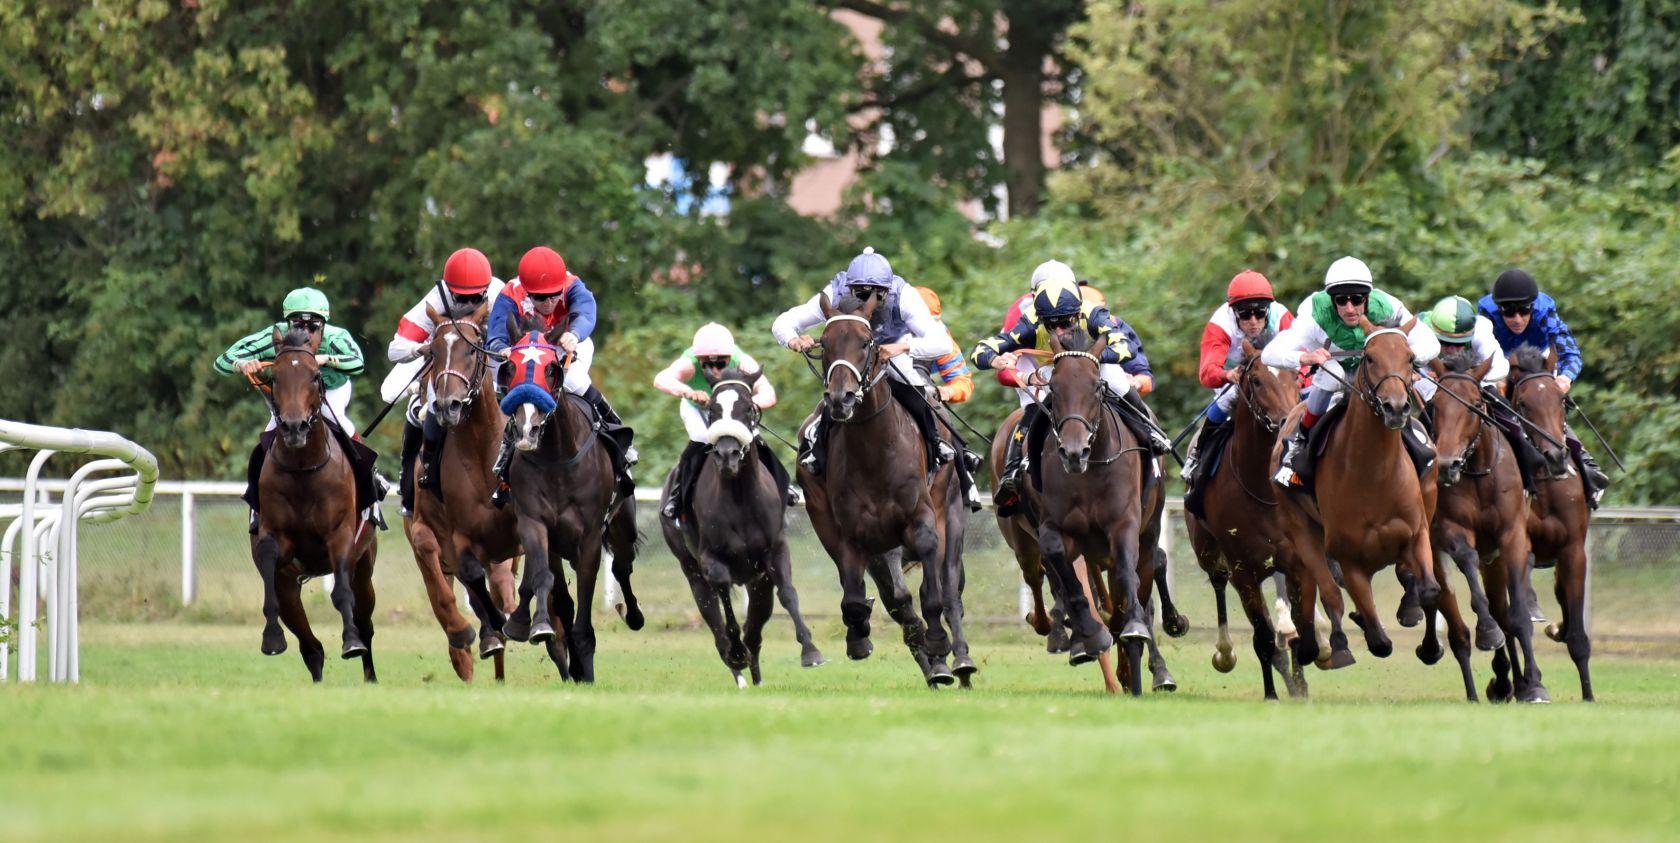 Hamburgs Derby-Meeting generierte Spitzen-Wettumsatz pro Rennen